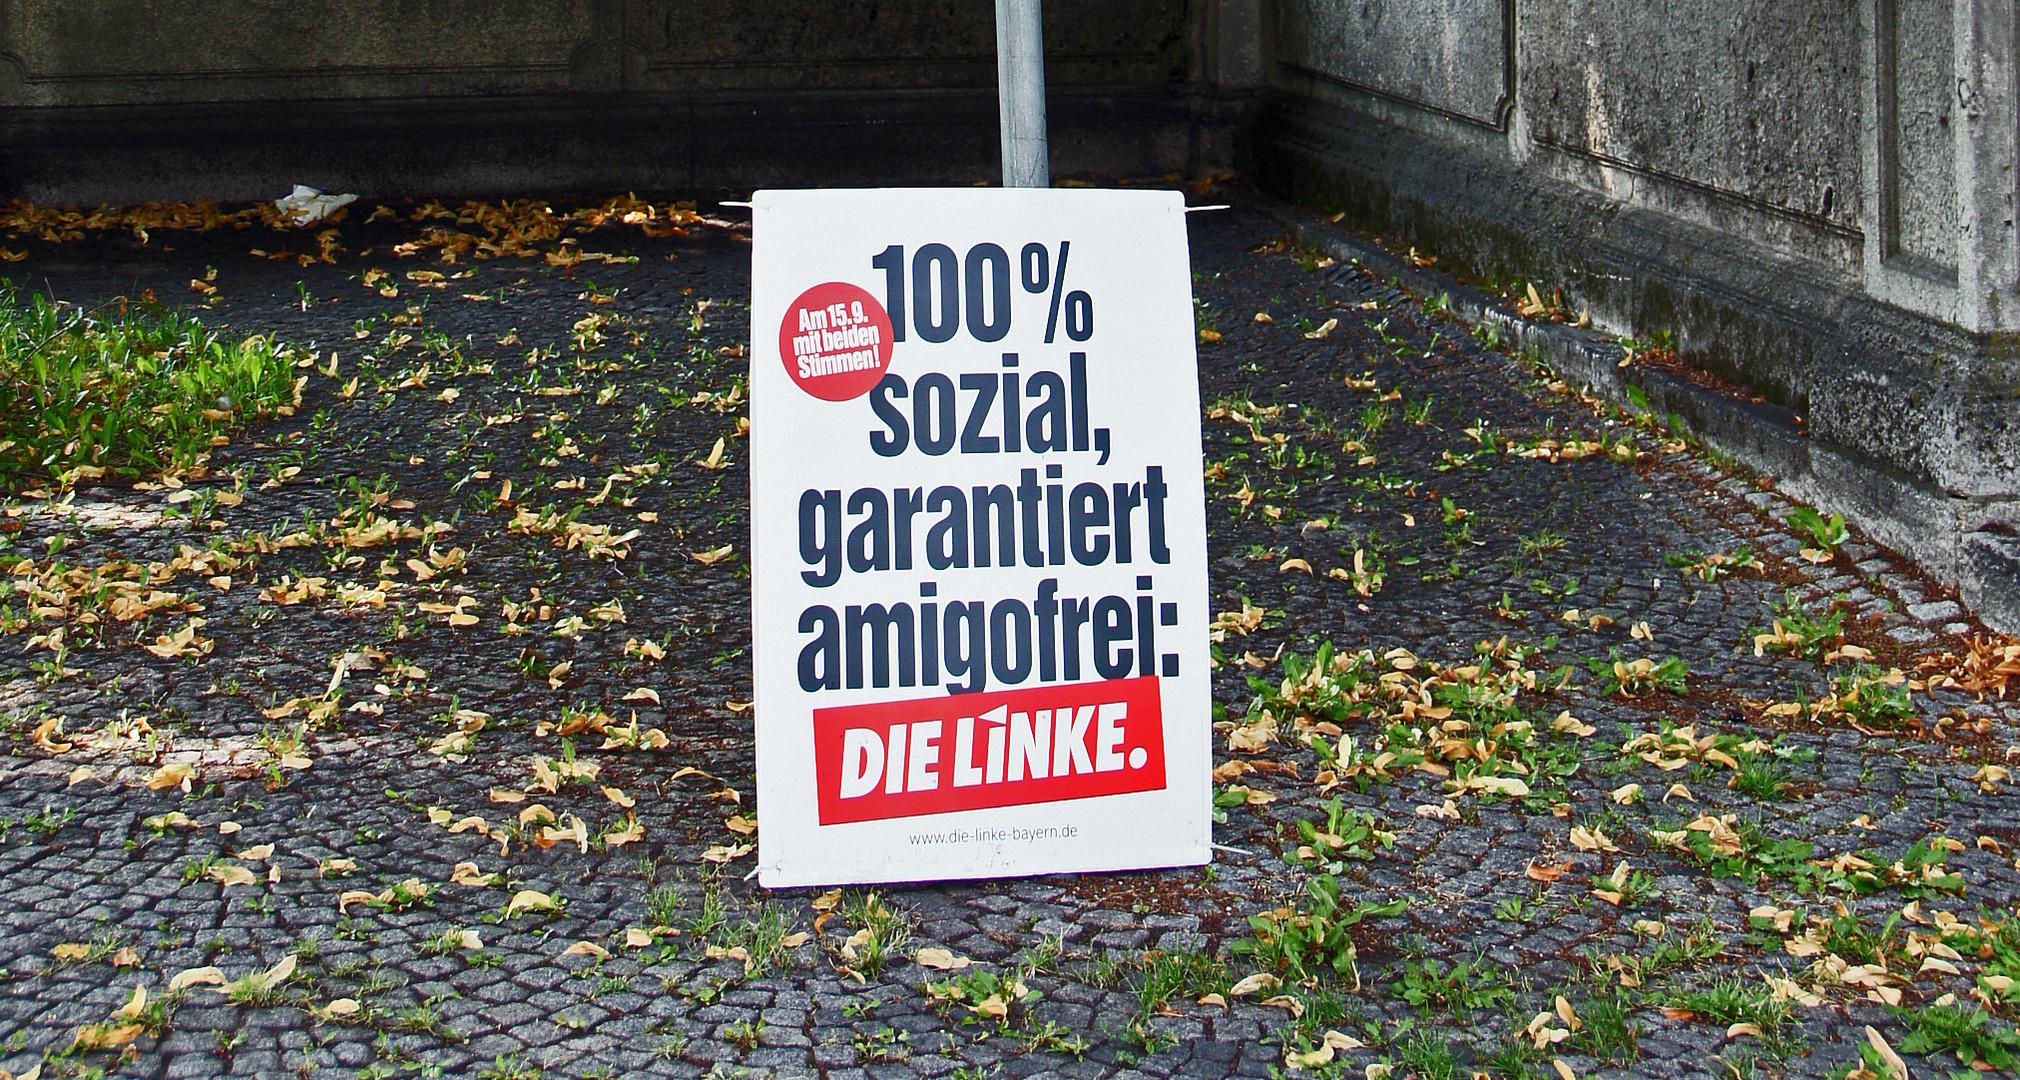 .....  sind die schon so ratlos, dass Sie in Bayern Stimmen fangen müssen ?